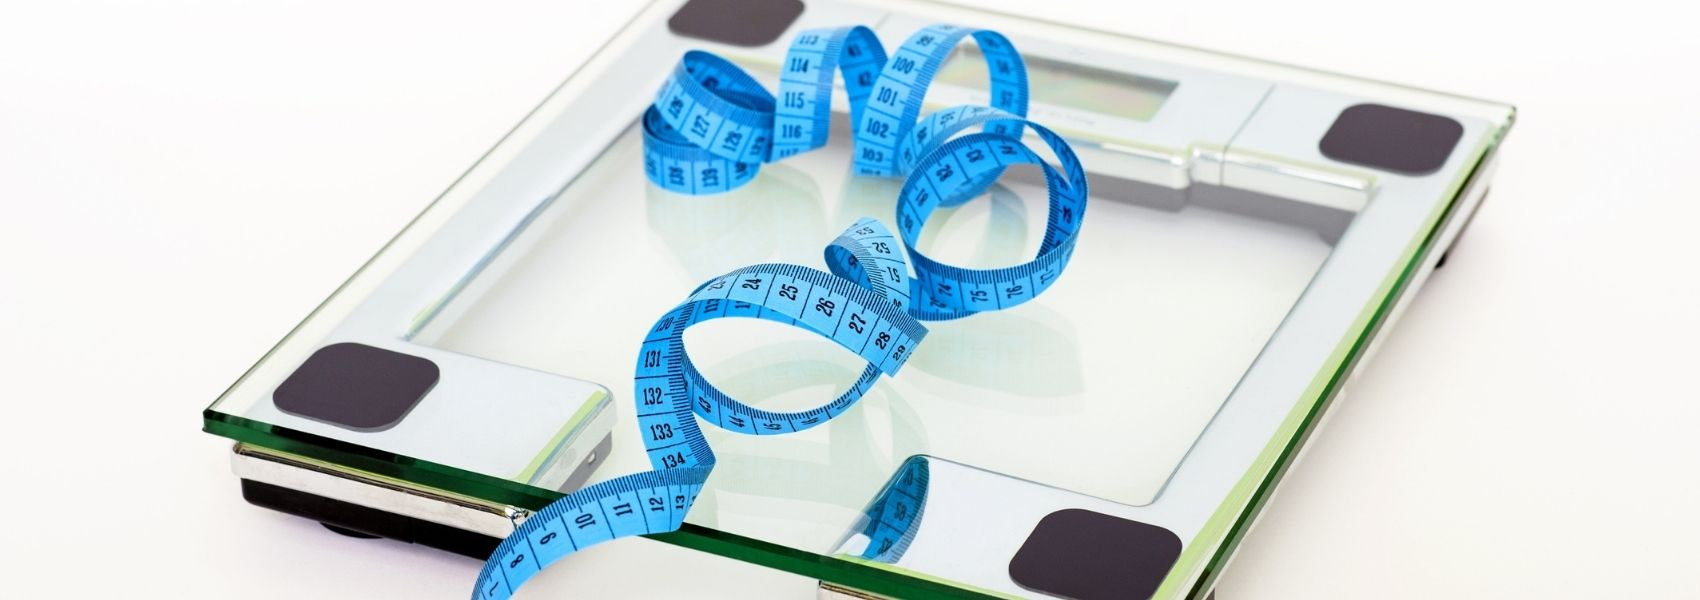 Estudo revela que o excesso de peso influencia o funcionamento do cérebro